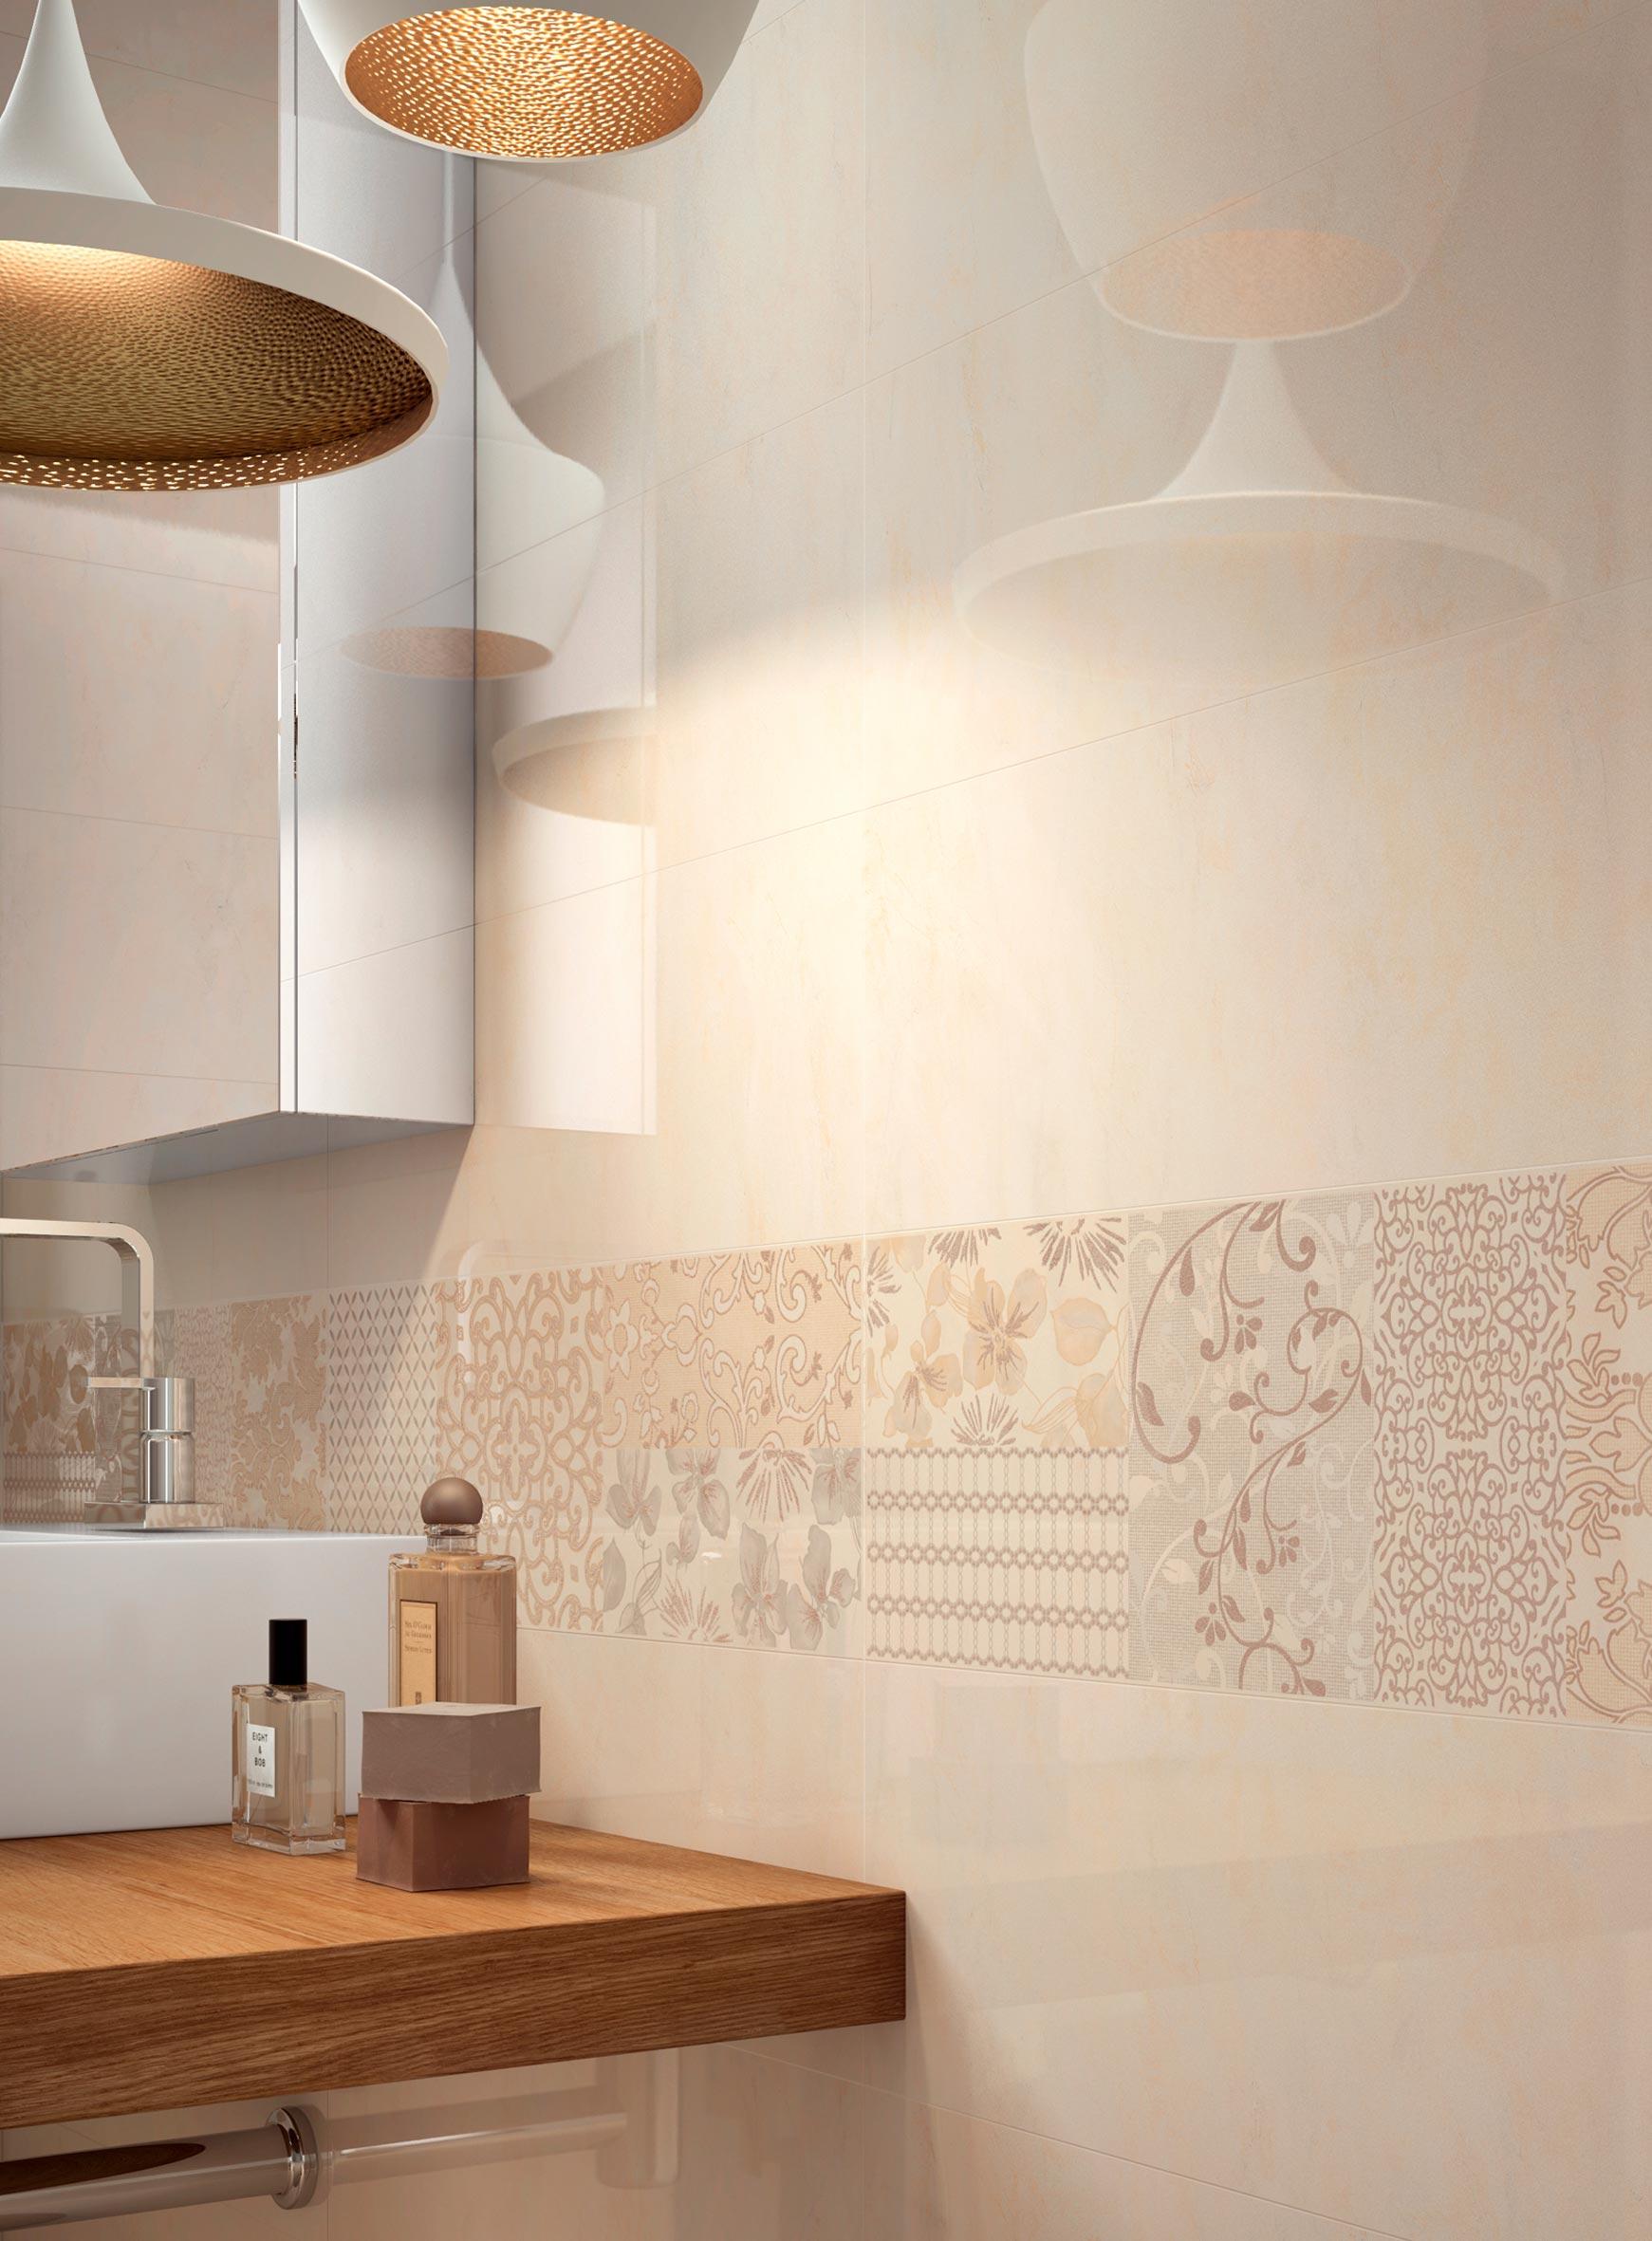 Bagni classici come creare un atmosfera lussuosa e sognante nella stanza pi intima ceramica for Rivestimenti bagno classici